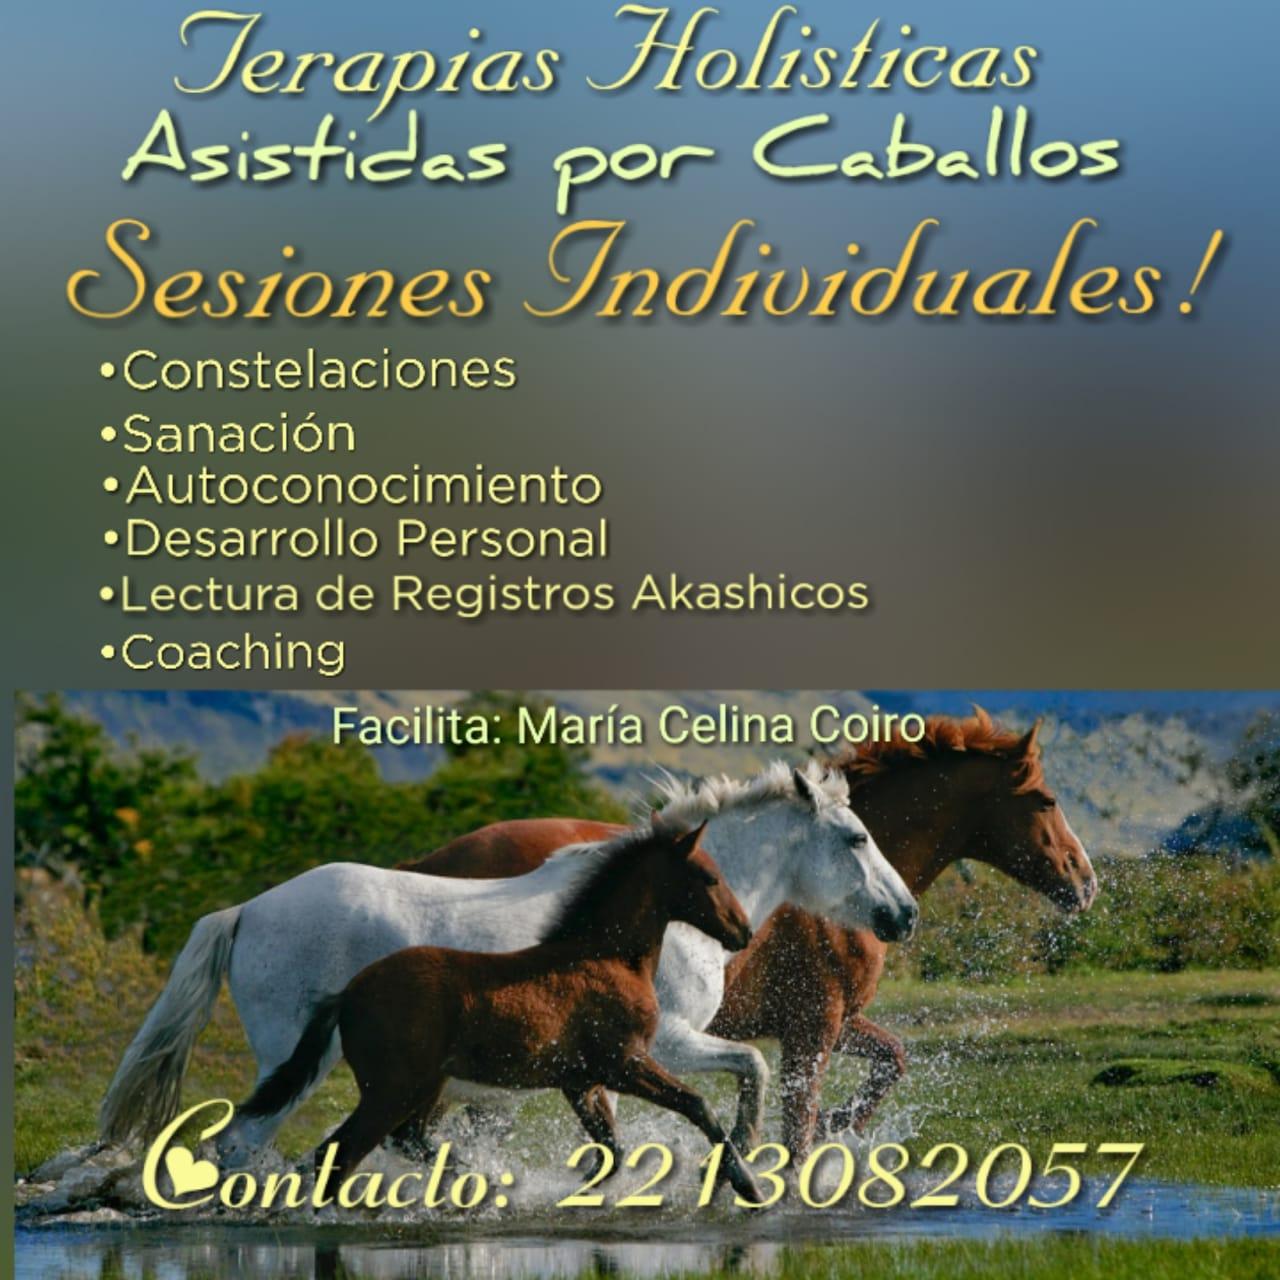 TERAPIAS HOLISTICAS Y ASISTENCIA EQUINA